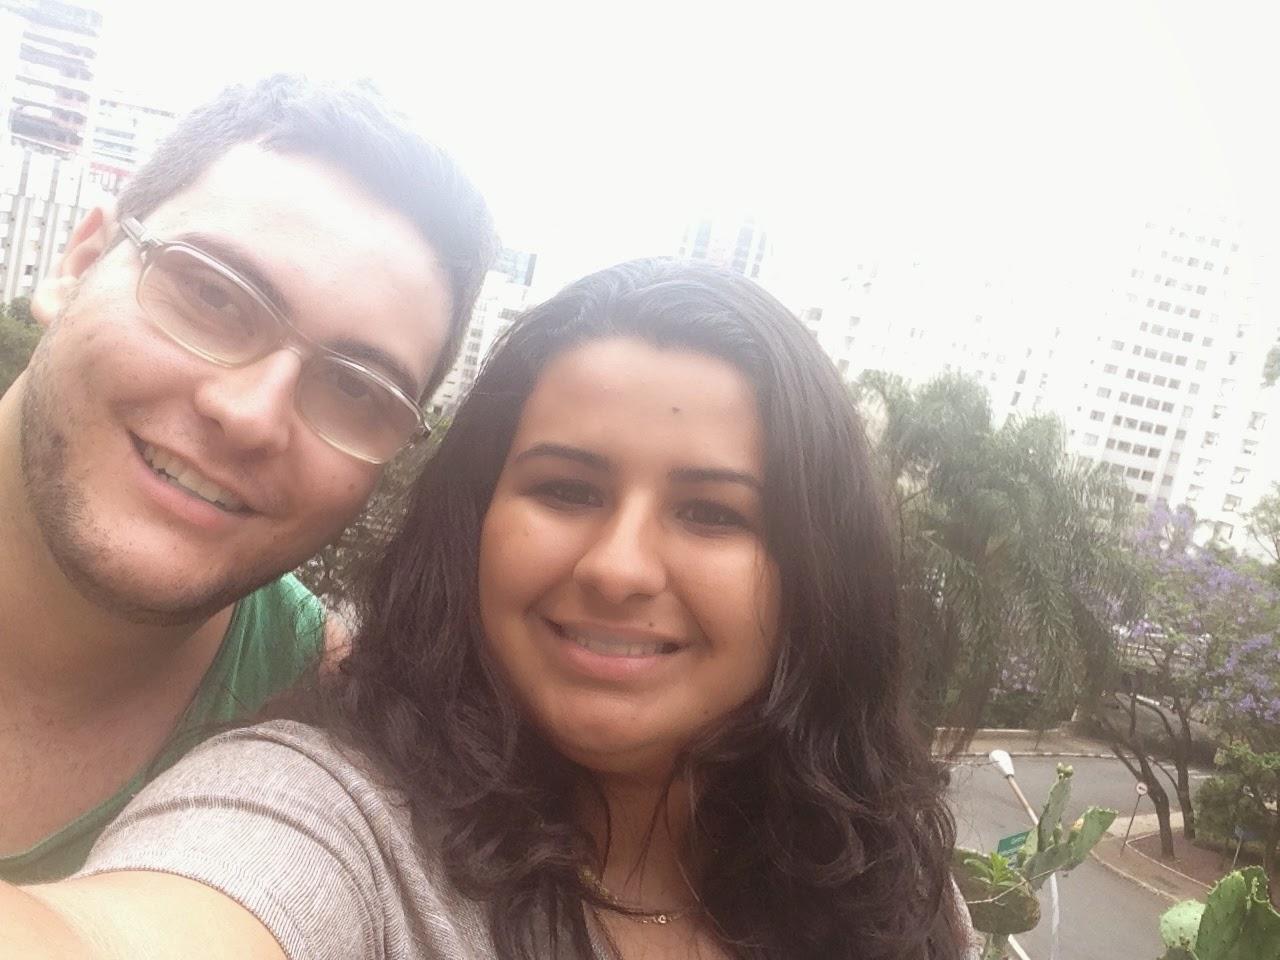 Daiana de Azevedo de Paulo - Sao Paulo